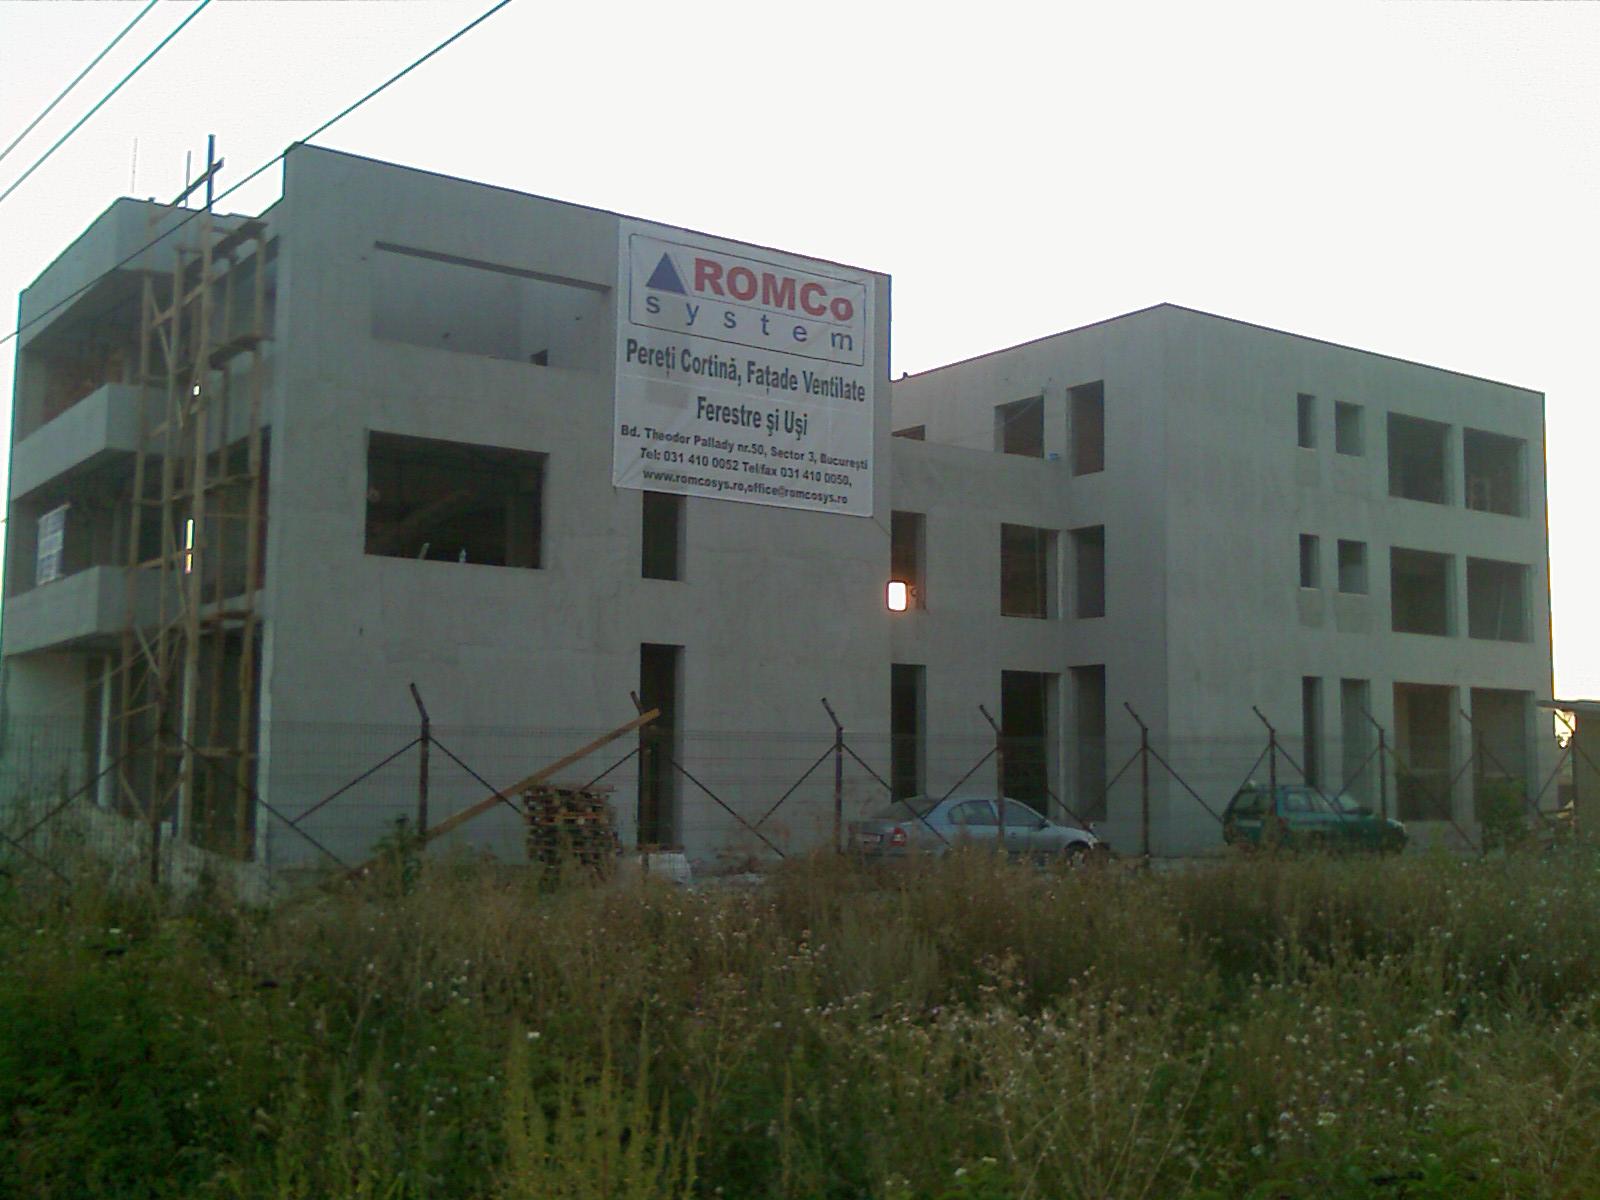 Aplicarea tratamentelor de impermeabilizare - Imobil birouri - DAG MAR - Corbeanca UNICO PROFIT - Poza 105